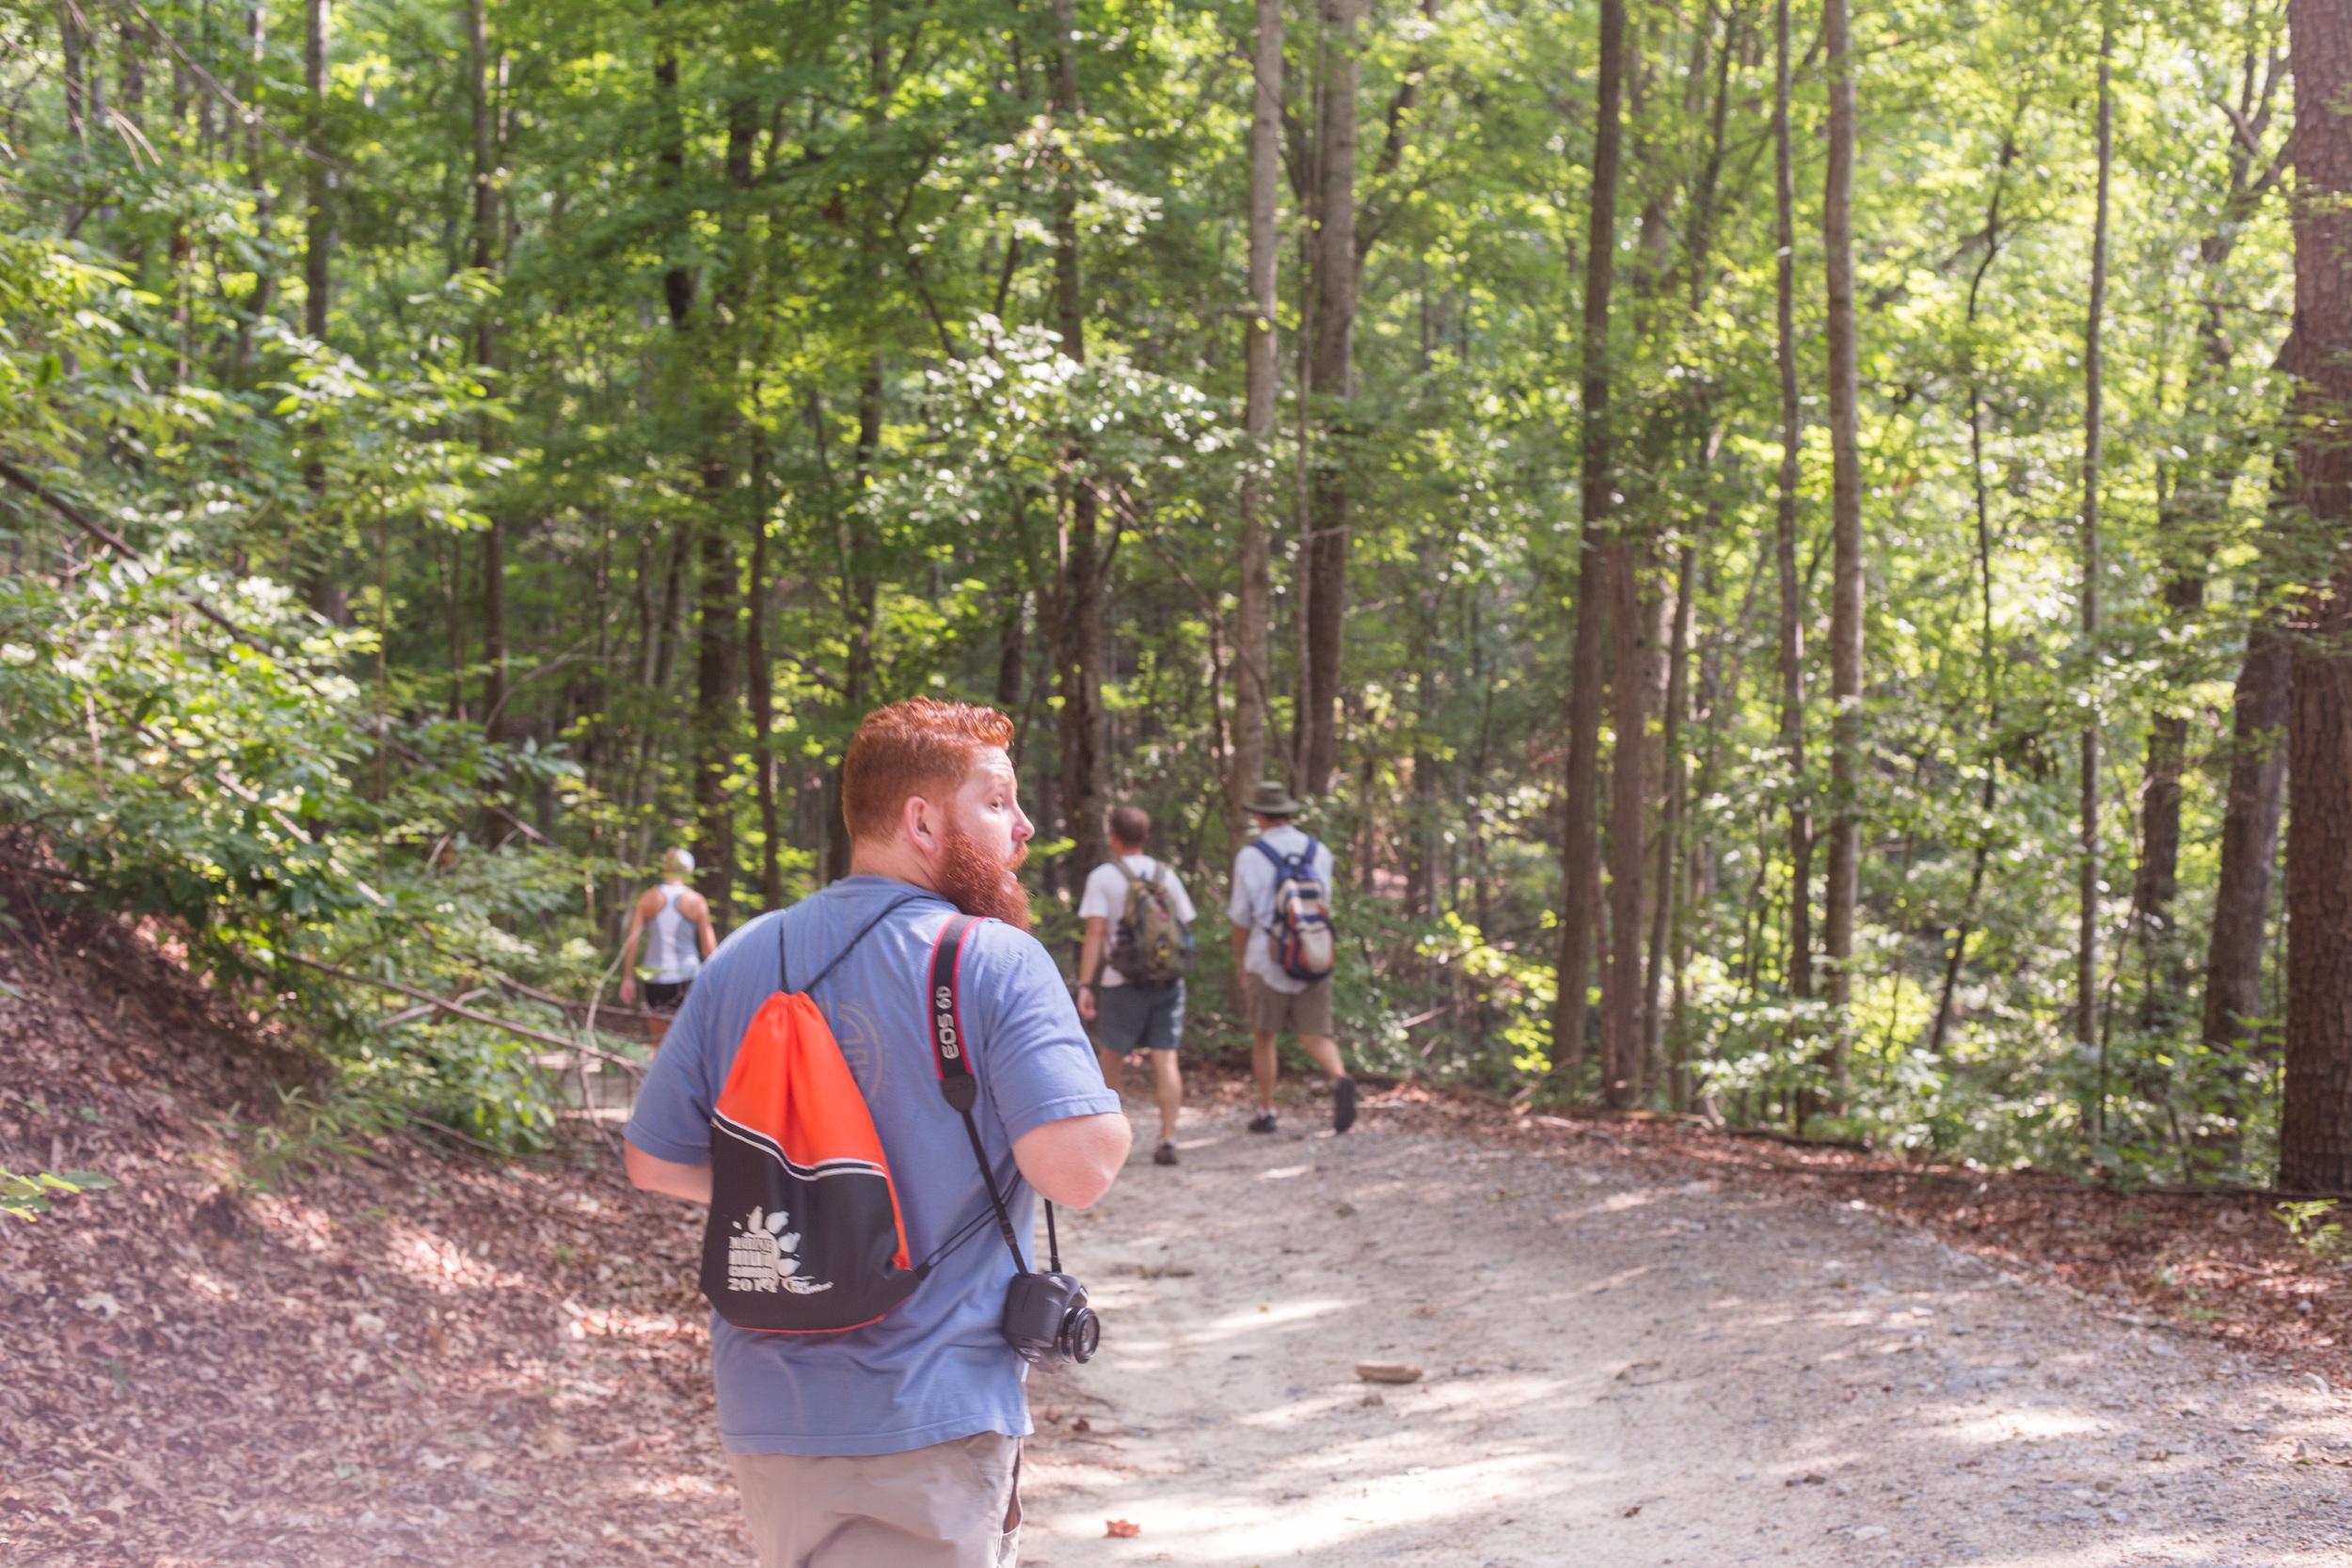 Devils_Fork_State_Park_July_2015_Lake_Jocassee_022.jpg